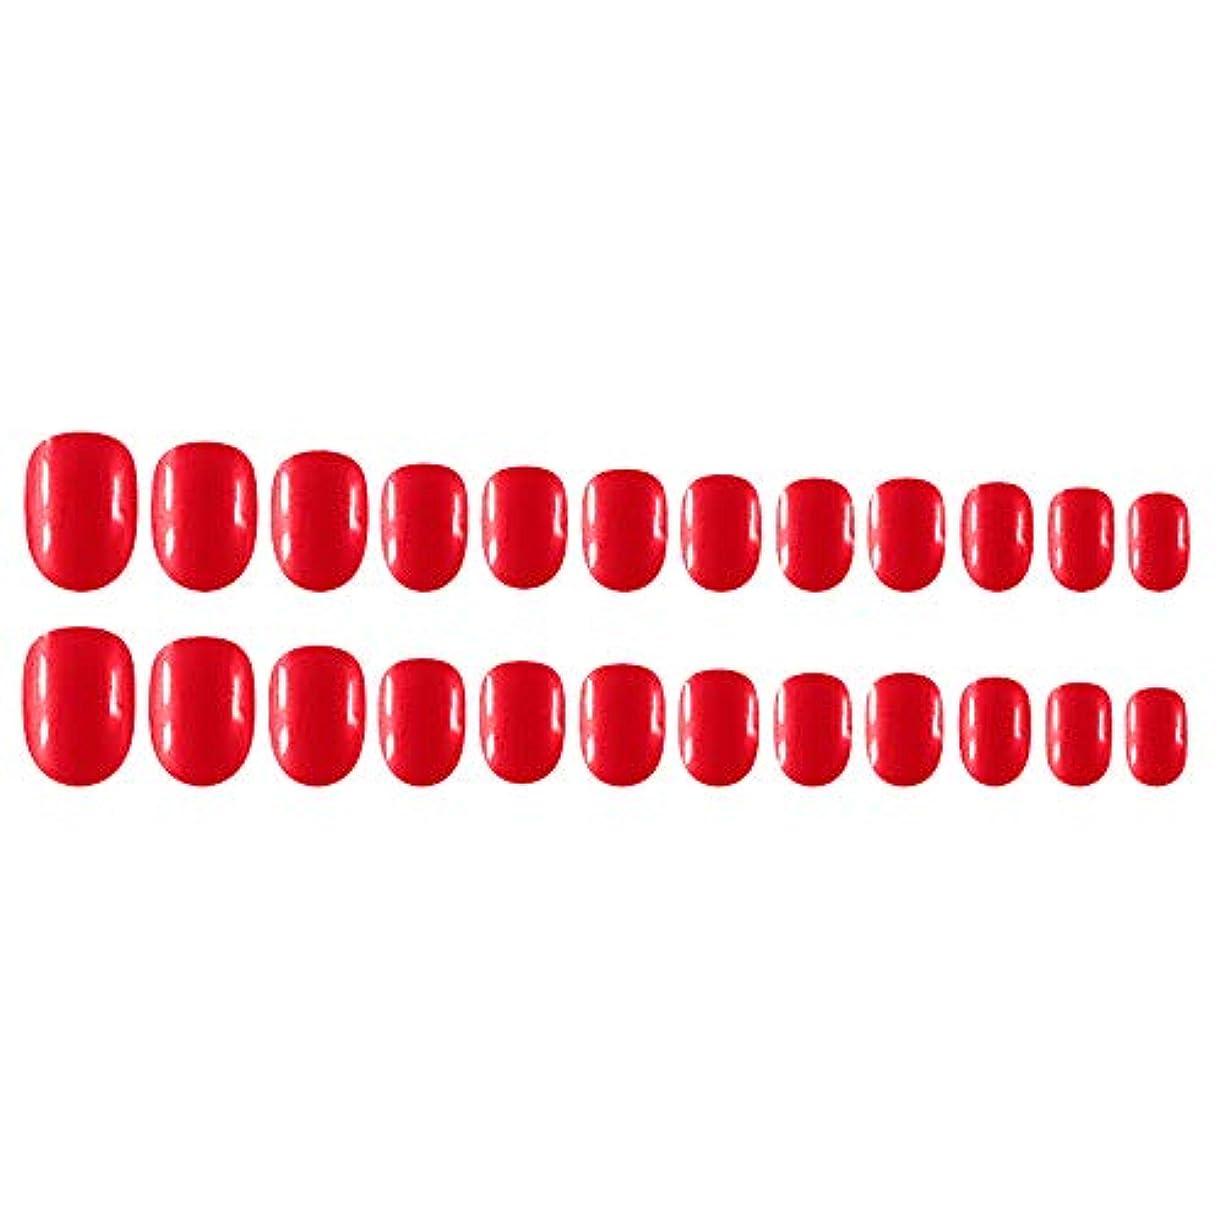 しばしば参加する現像Decdeal Decdeal ネイルチップ 24ピース 12異なるサイズ diy サロン ネイルアートツール 偽